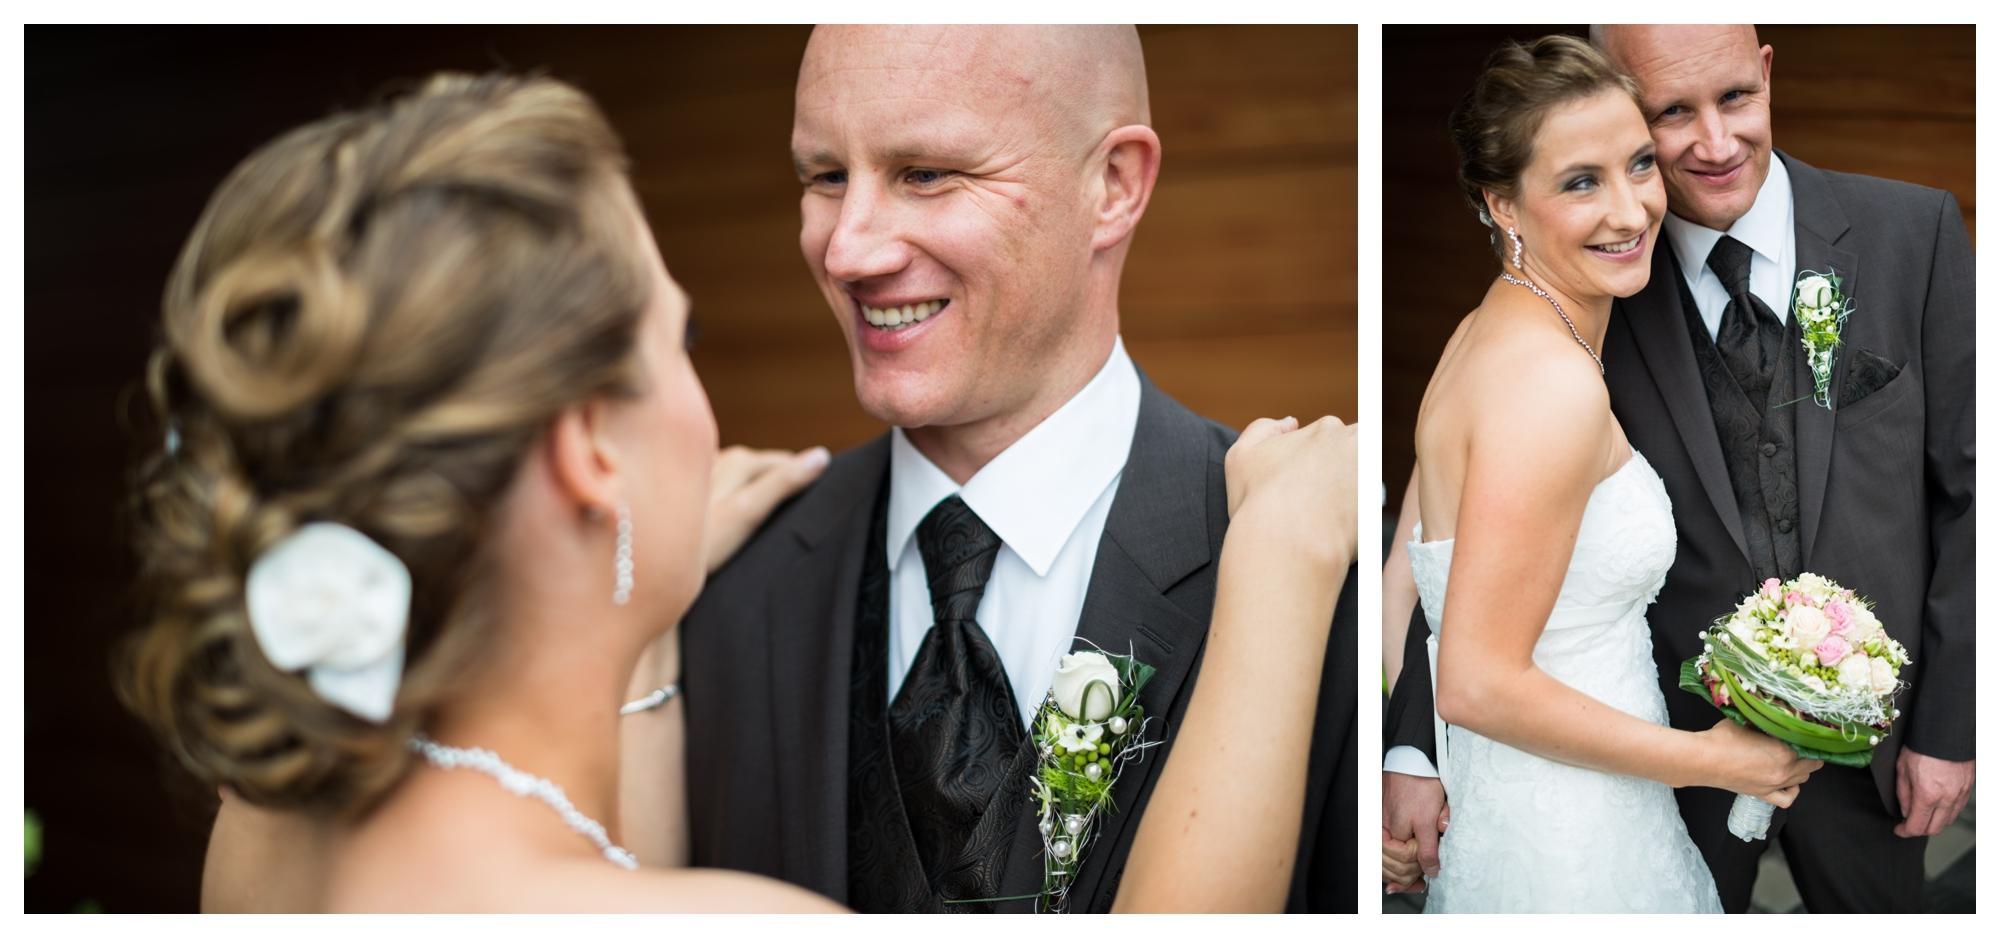 Fotograf Konstanz - 2013 12 09 0004 - Als Hochzeitsfotograf in Bad Dürrheim unterwegs  - 11 -